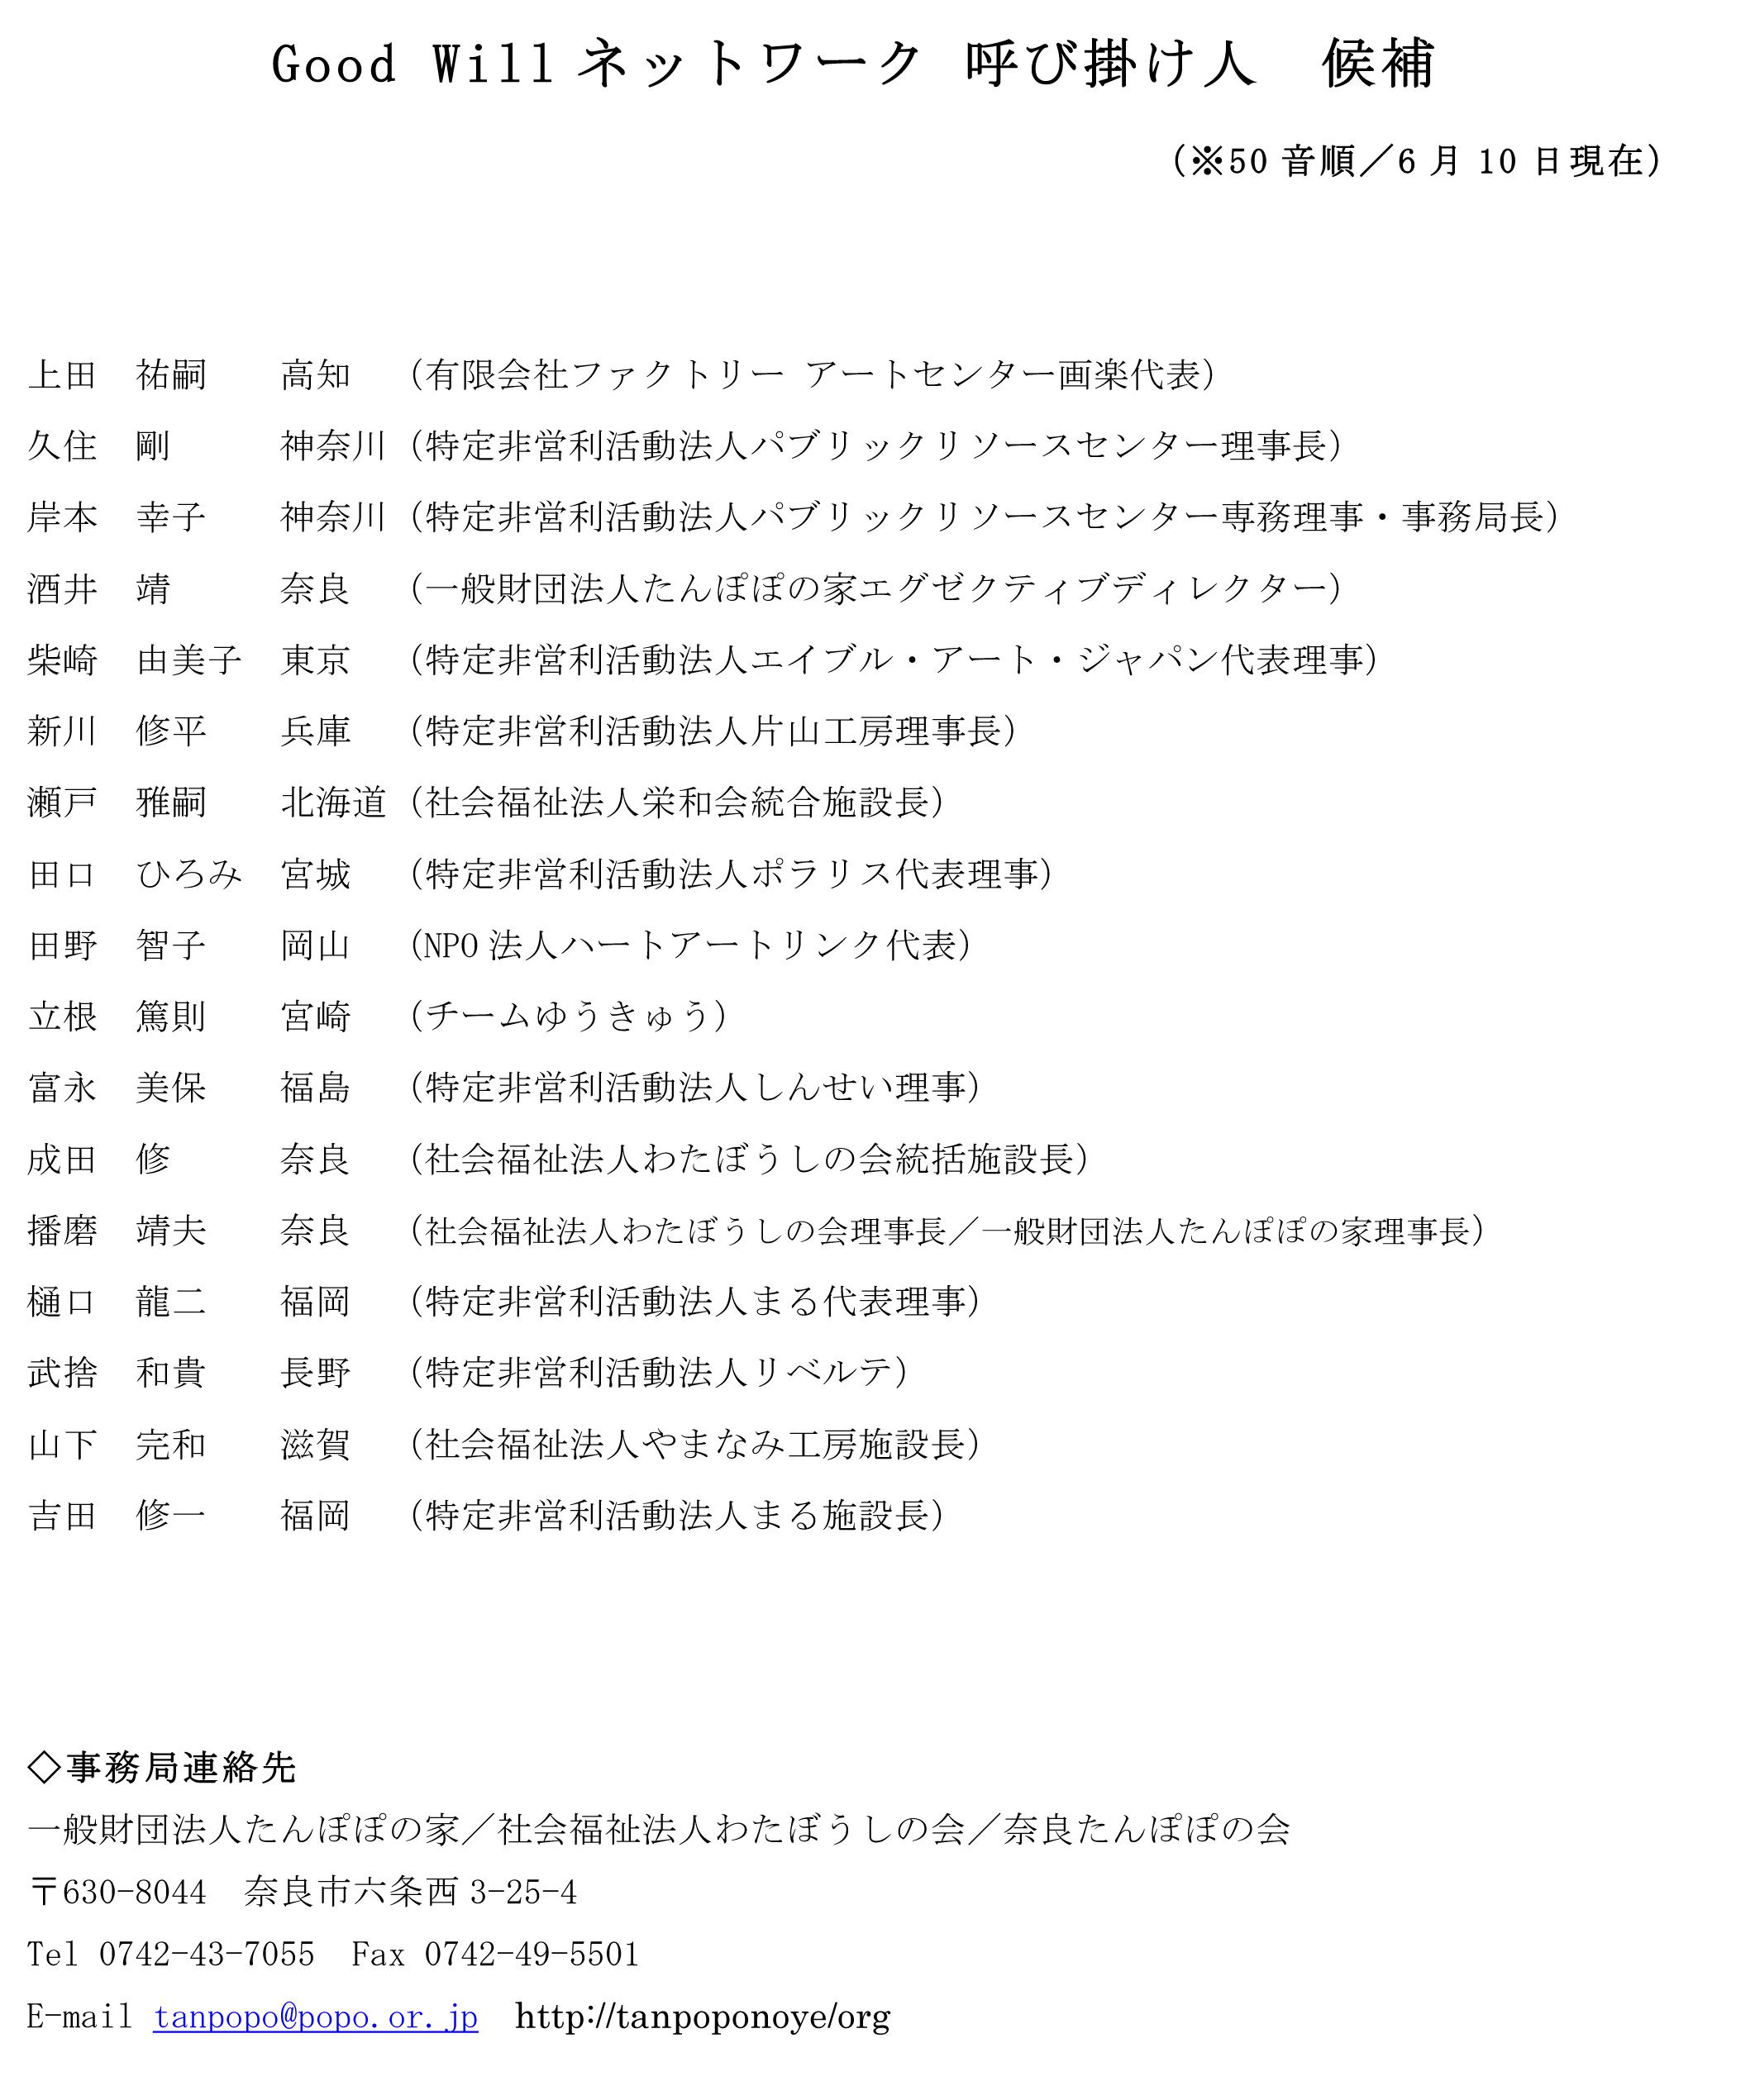 gwnet_yobikake03.jpg